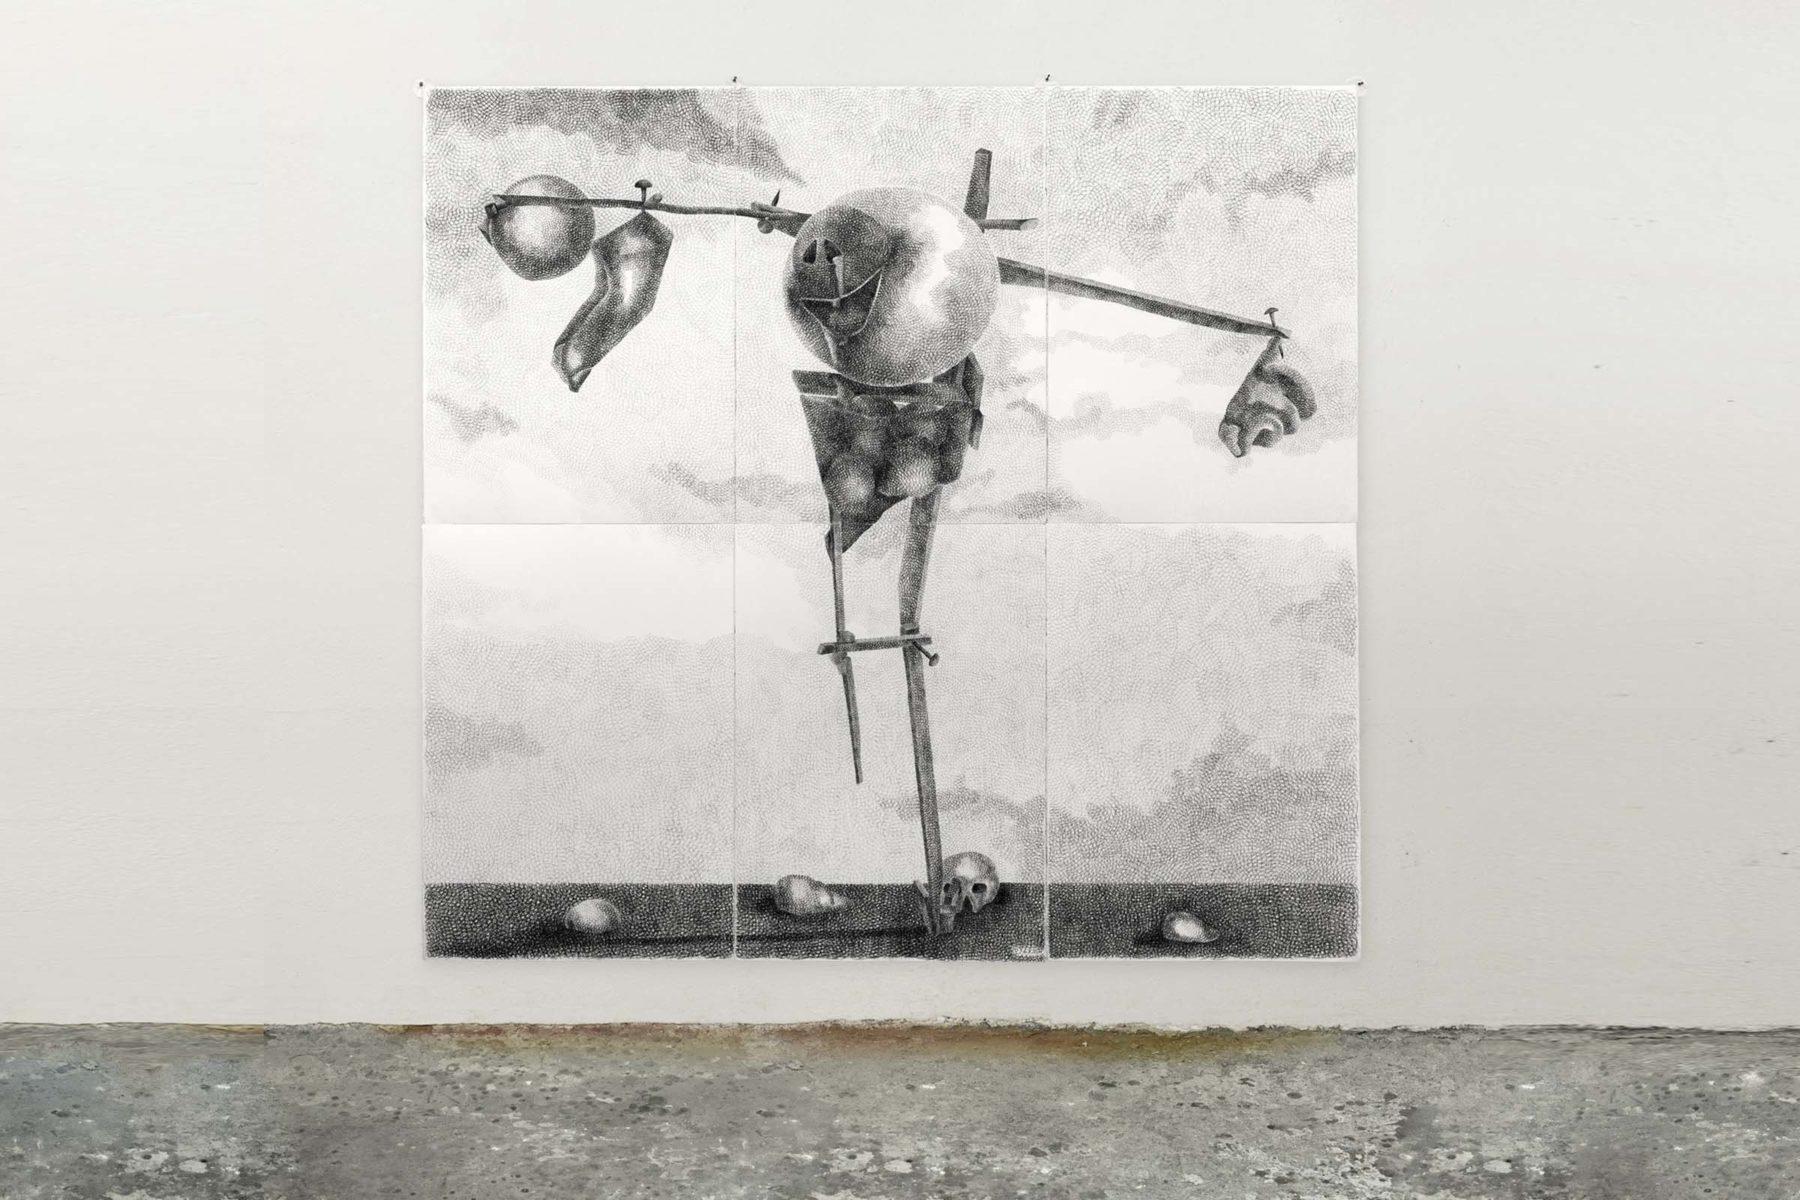 Silvano Tessarollo, Disegno semplice, 2011, drawing on paper